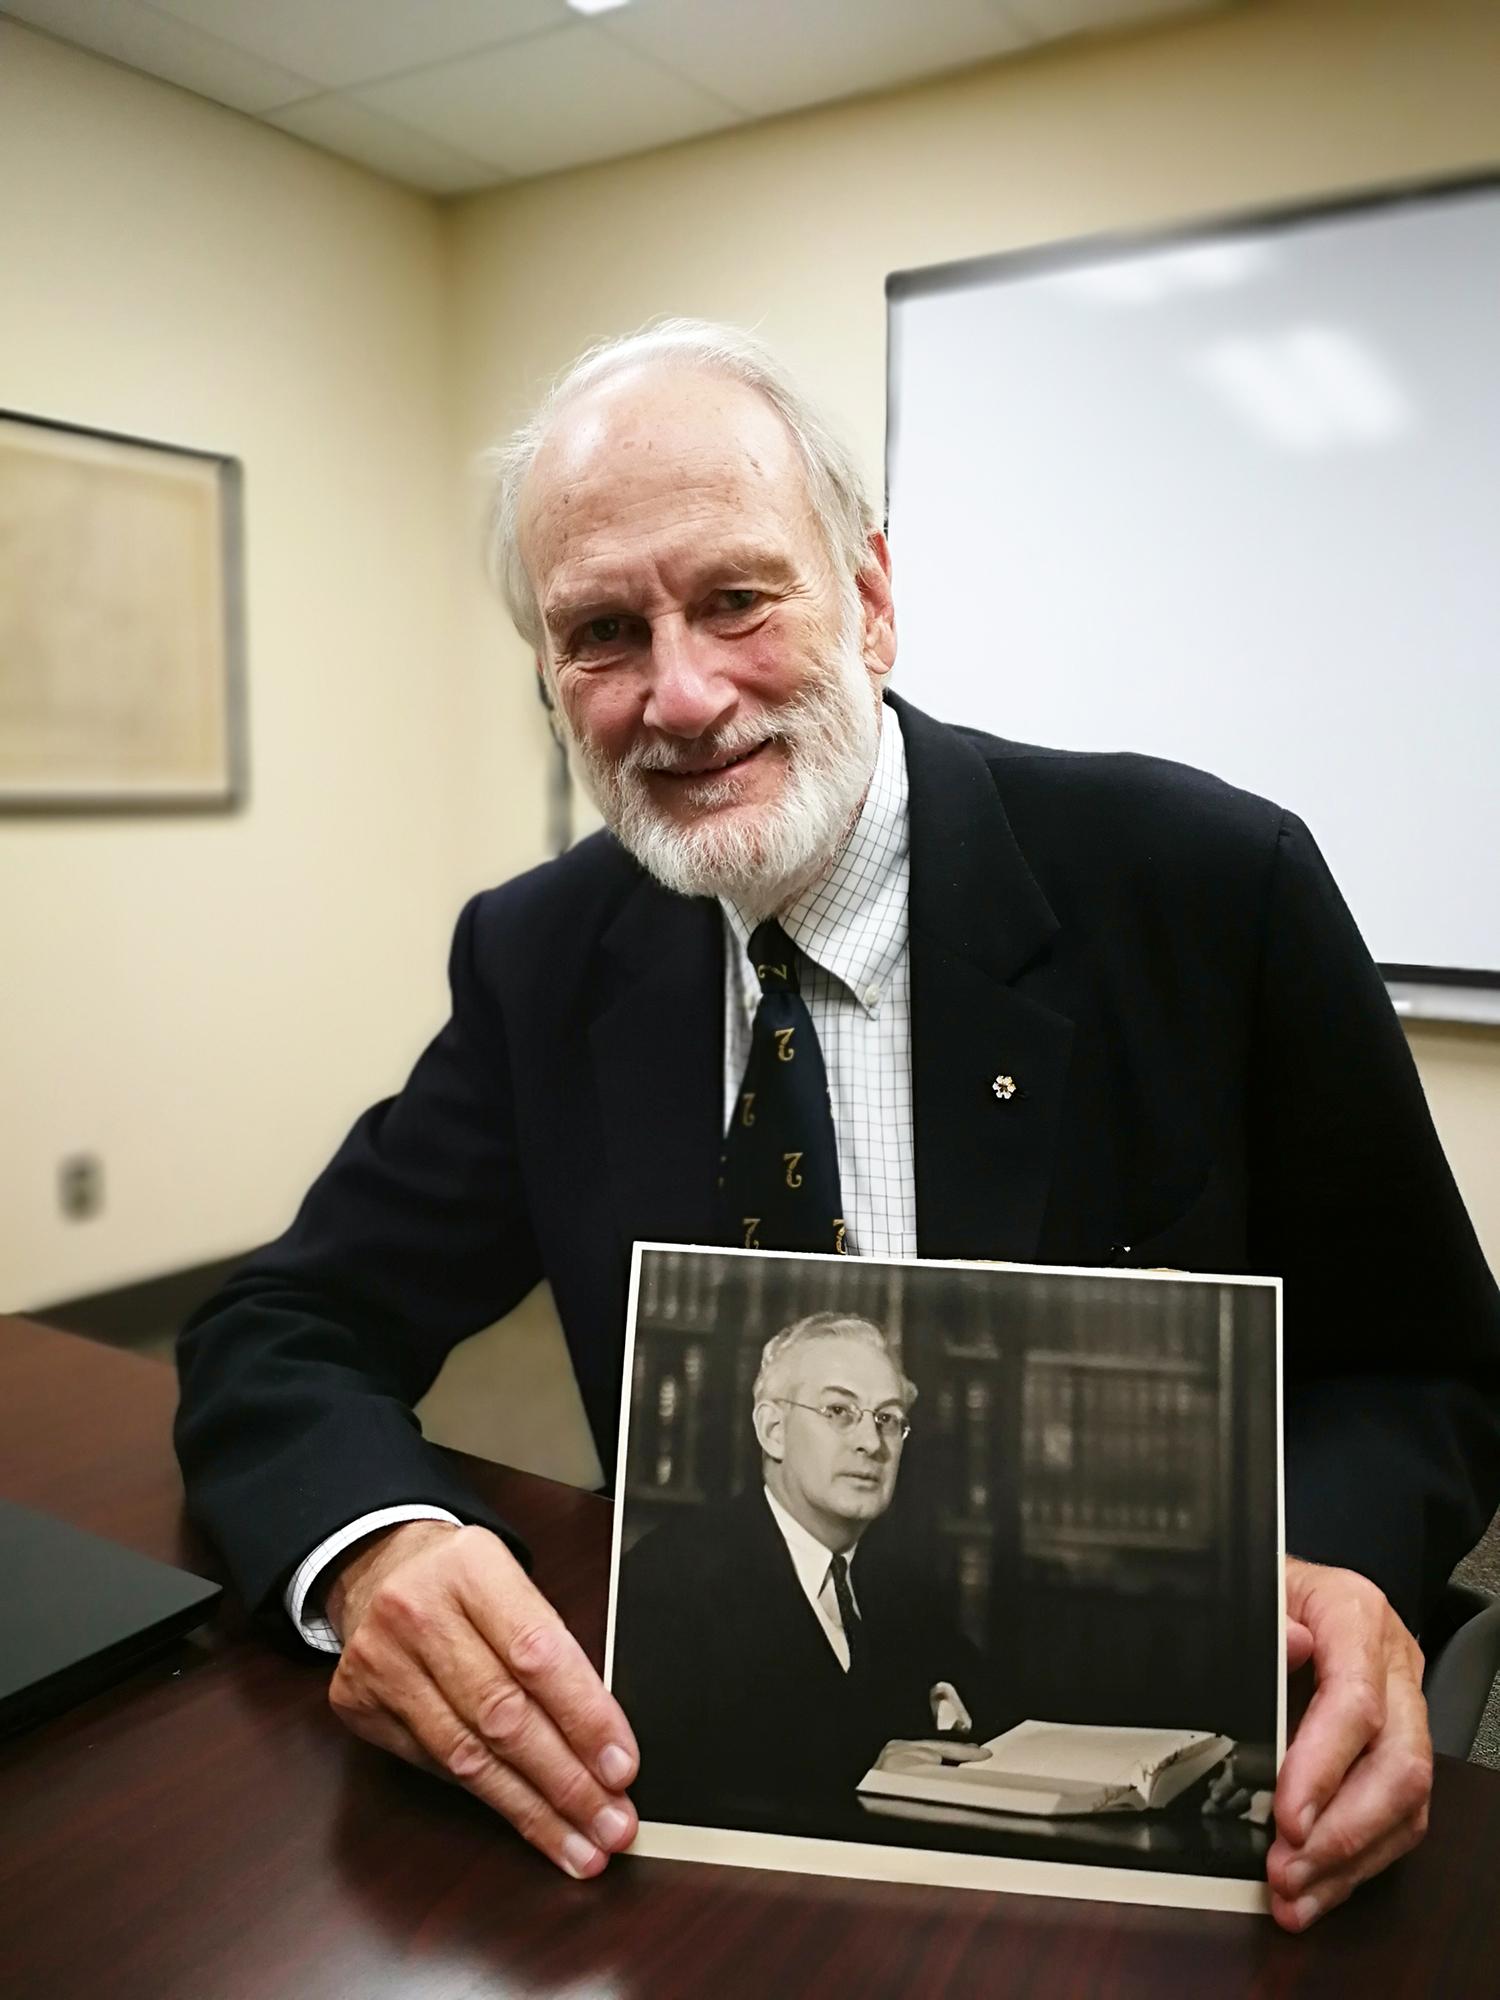 Le Dr Jonathan Larmonth Meakins, OC, FRCSC, avec une photo de son grand-père, le Dr Jonathan Campbell Meakins, FRCPC